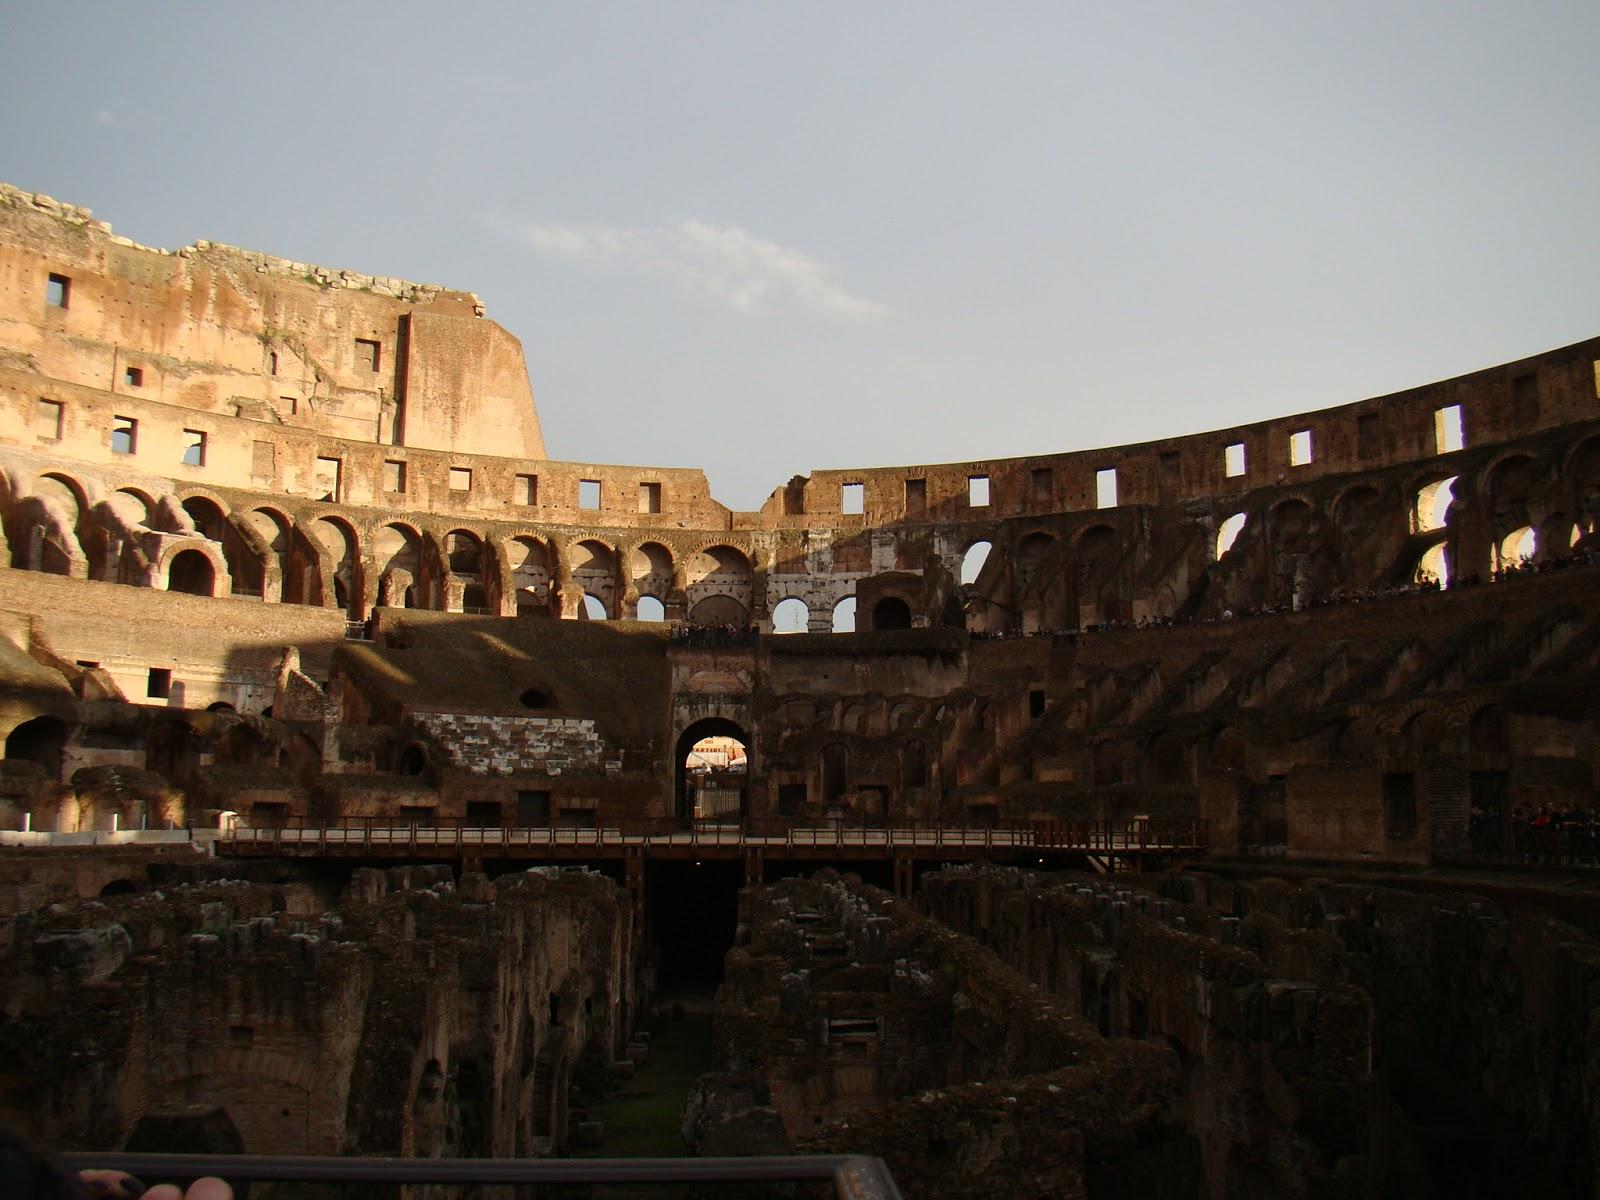 Diário de Viagem: Conhecendo o Coliseu, em Roma